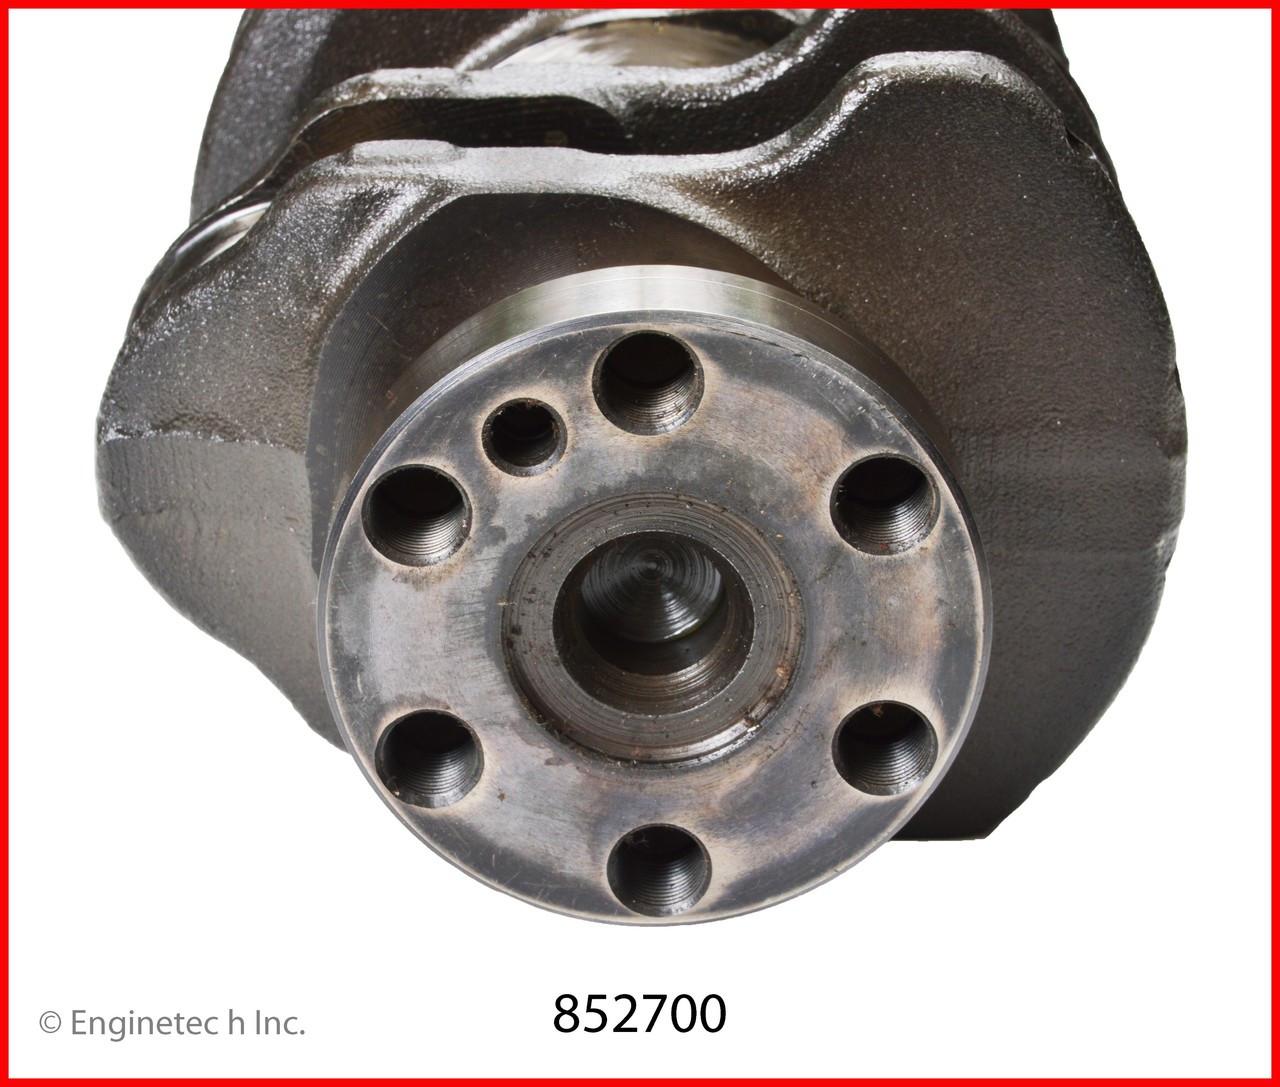 1990 Honda Civic 1.6L Engine Crankshaft Kit 852700.P5